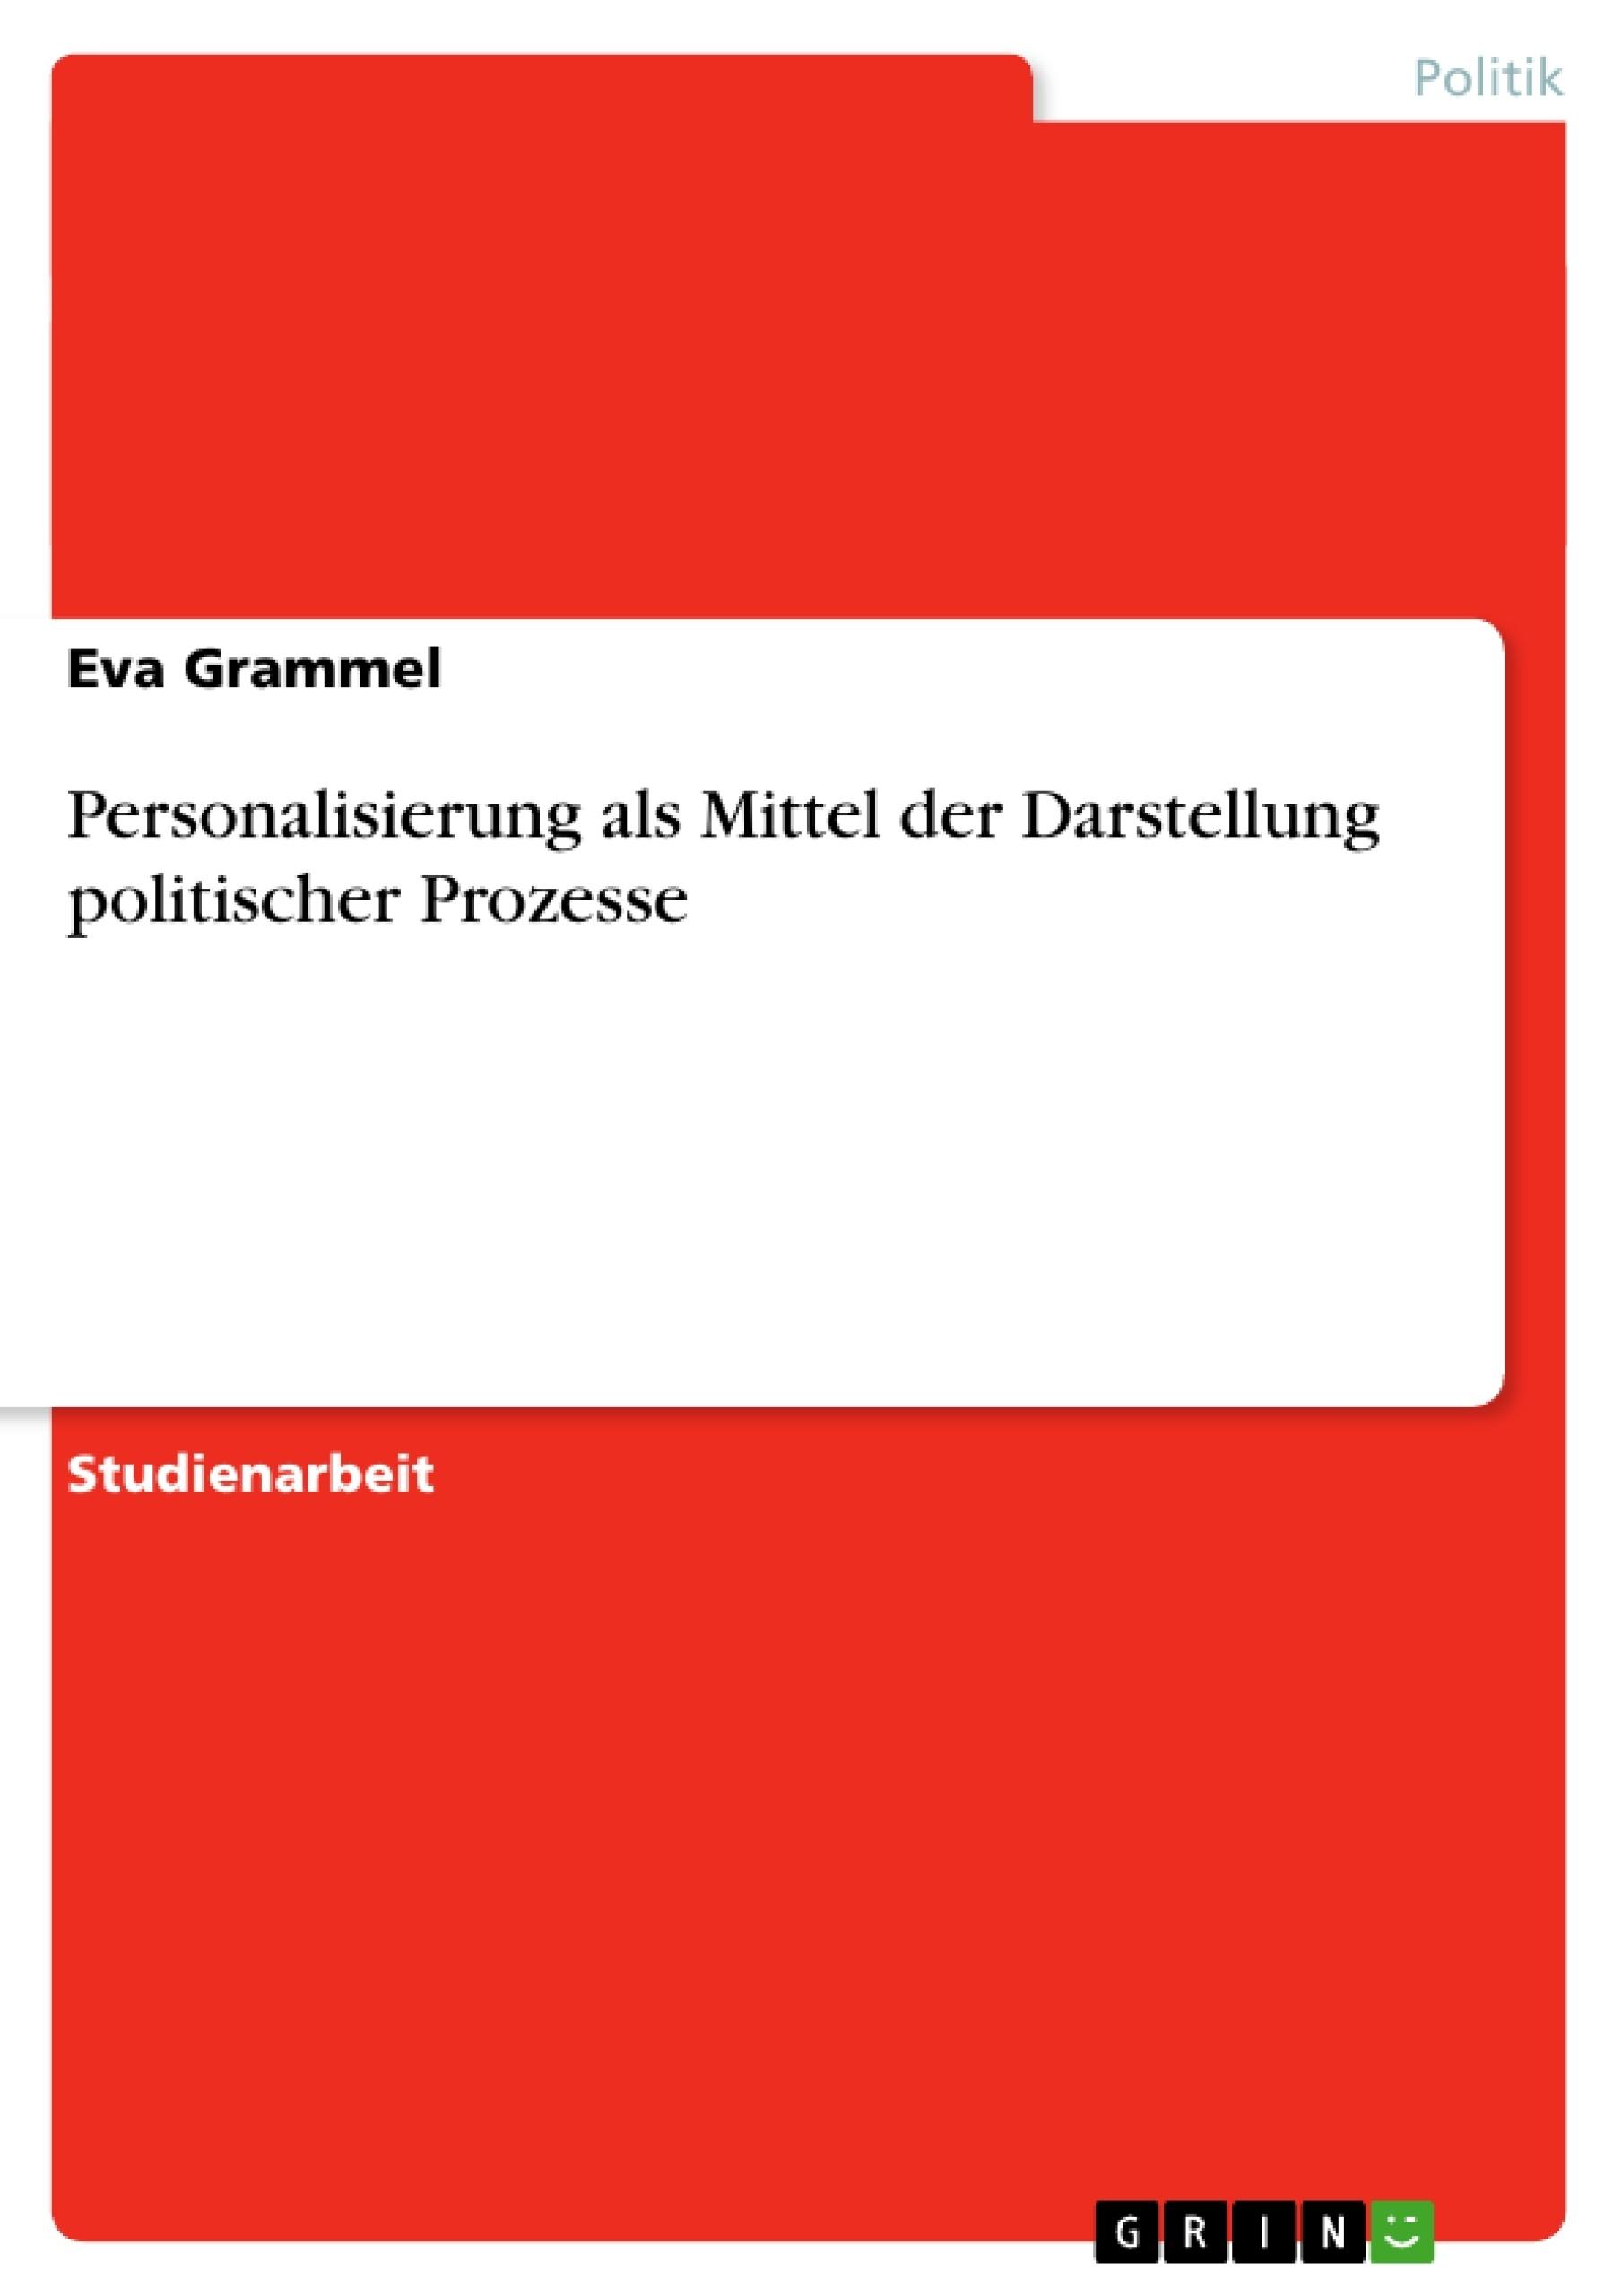 Titel: Personalisierung als Mittel der Darstellung politischer Prozesse